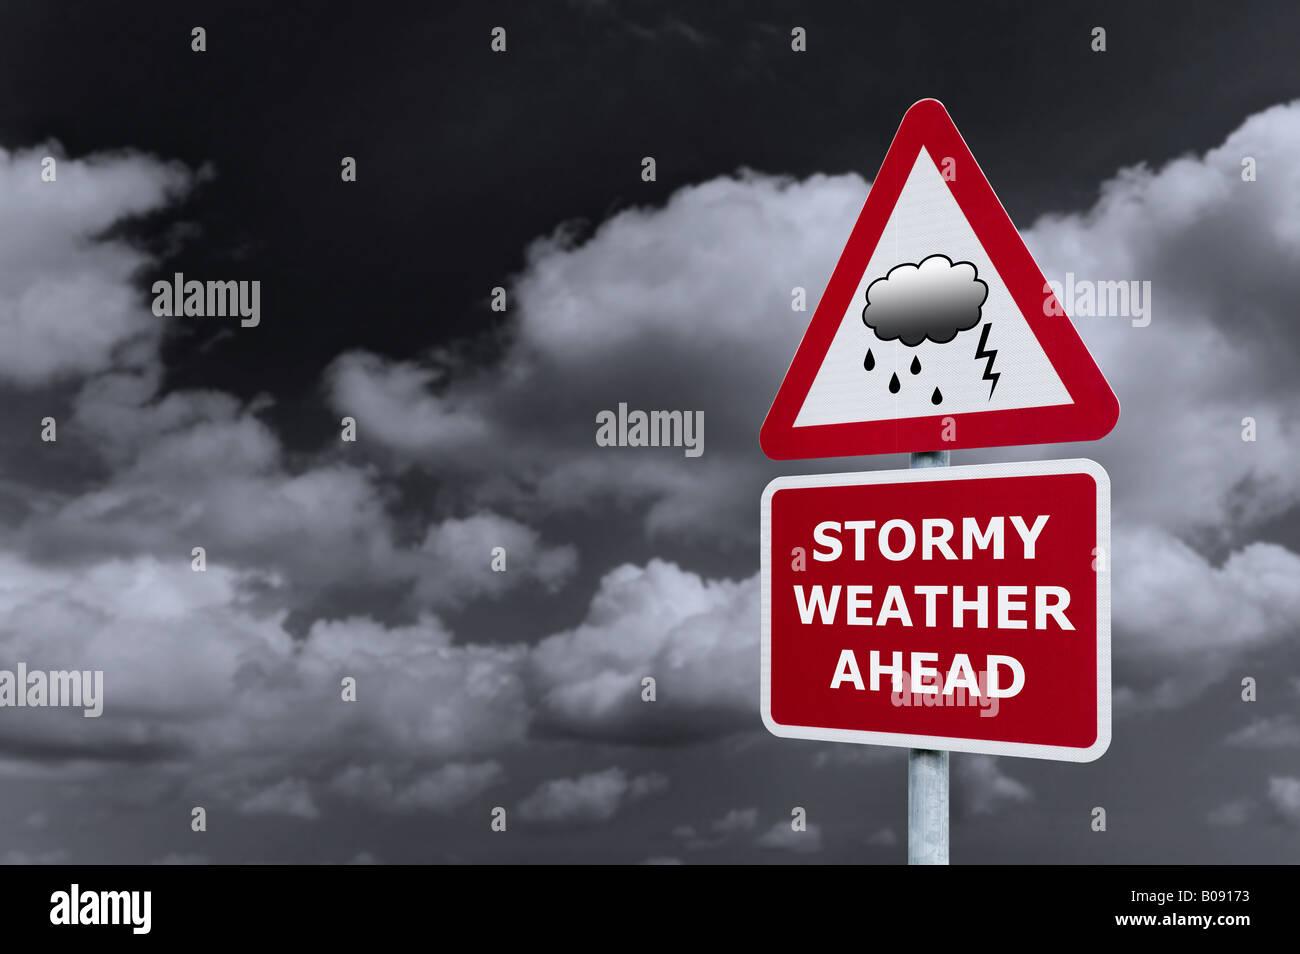 Konzept-Bild ein Wegweiser mit stürmischen Wetter voraus gegen einen dunklen Wolkenhimmel Stockbild